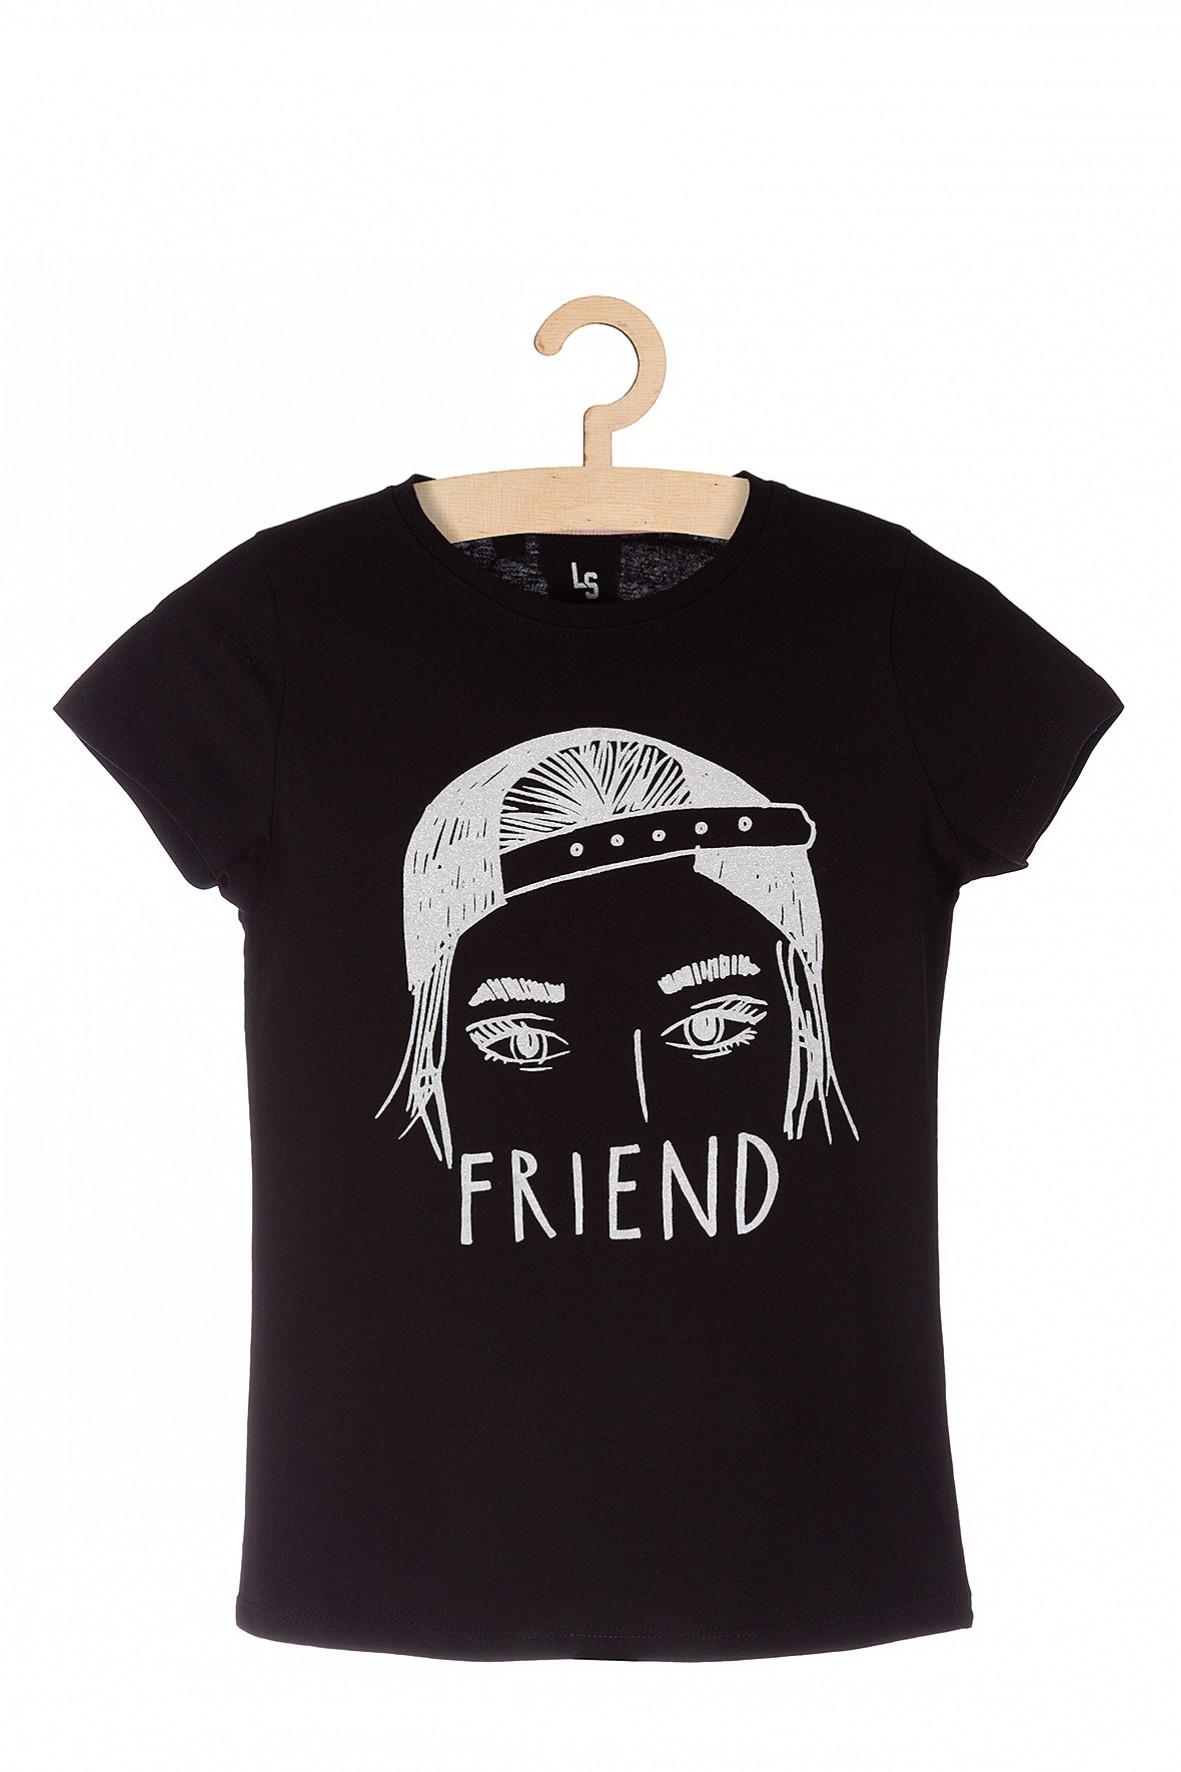 Koszulka dziewczęca czarna z białym nadrukiem Friend